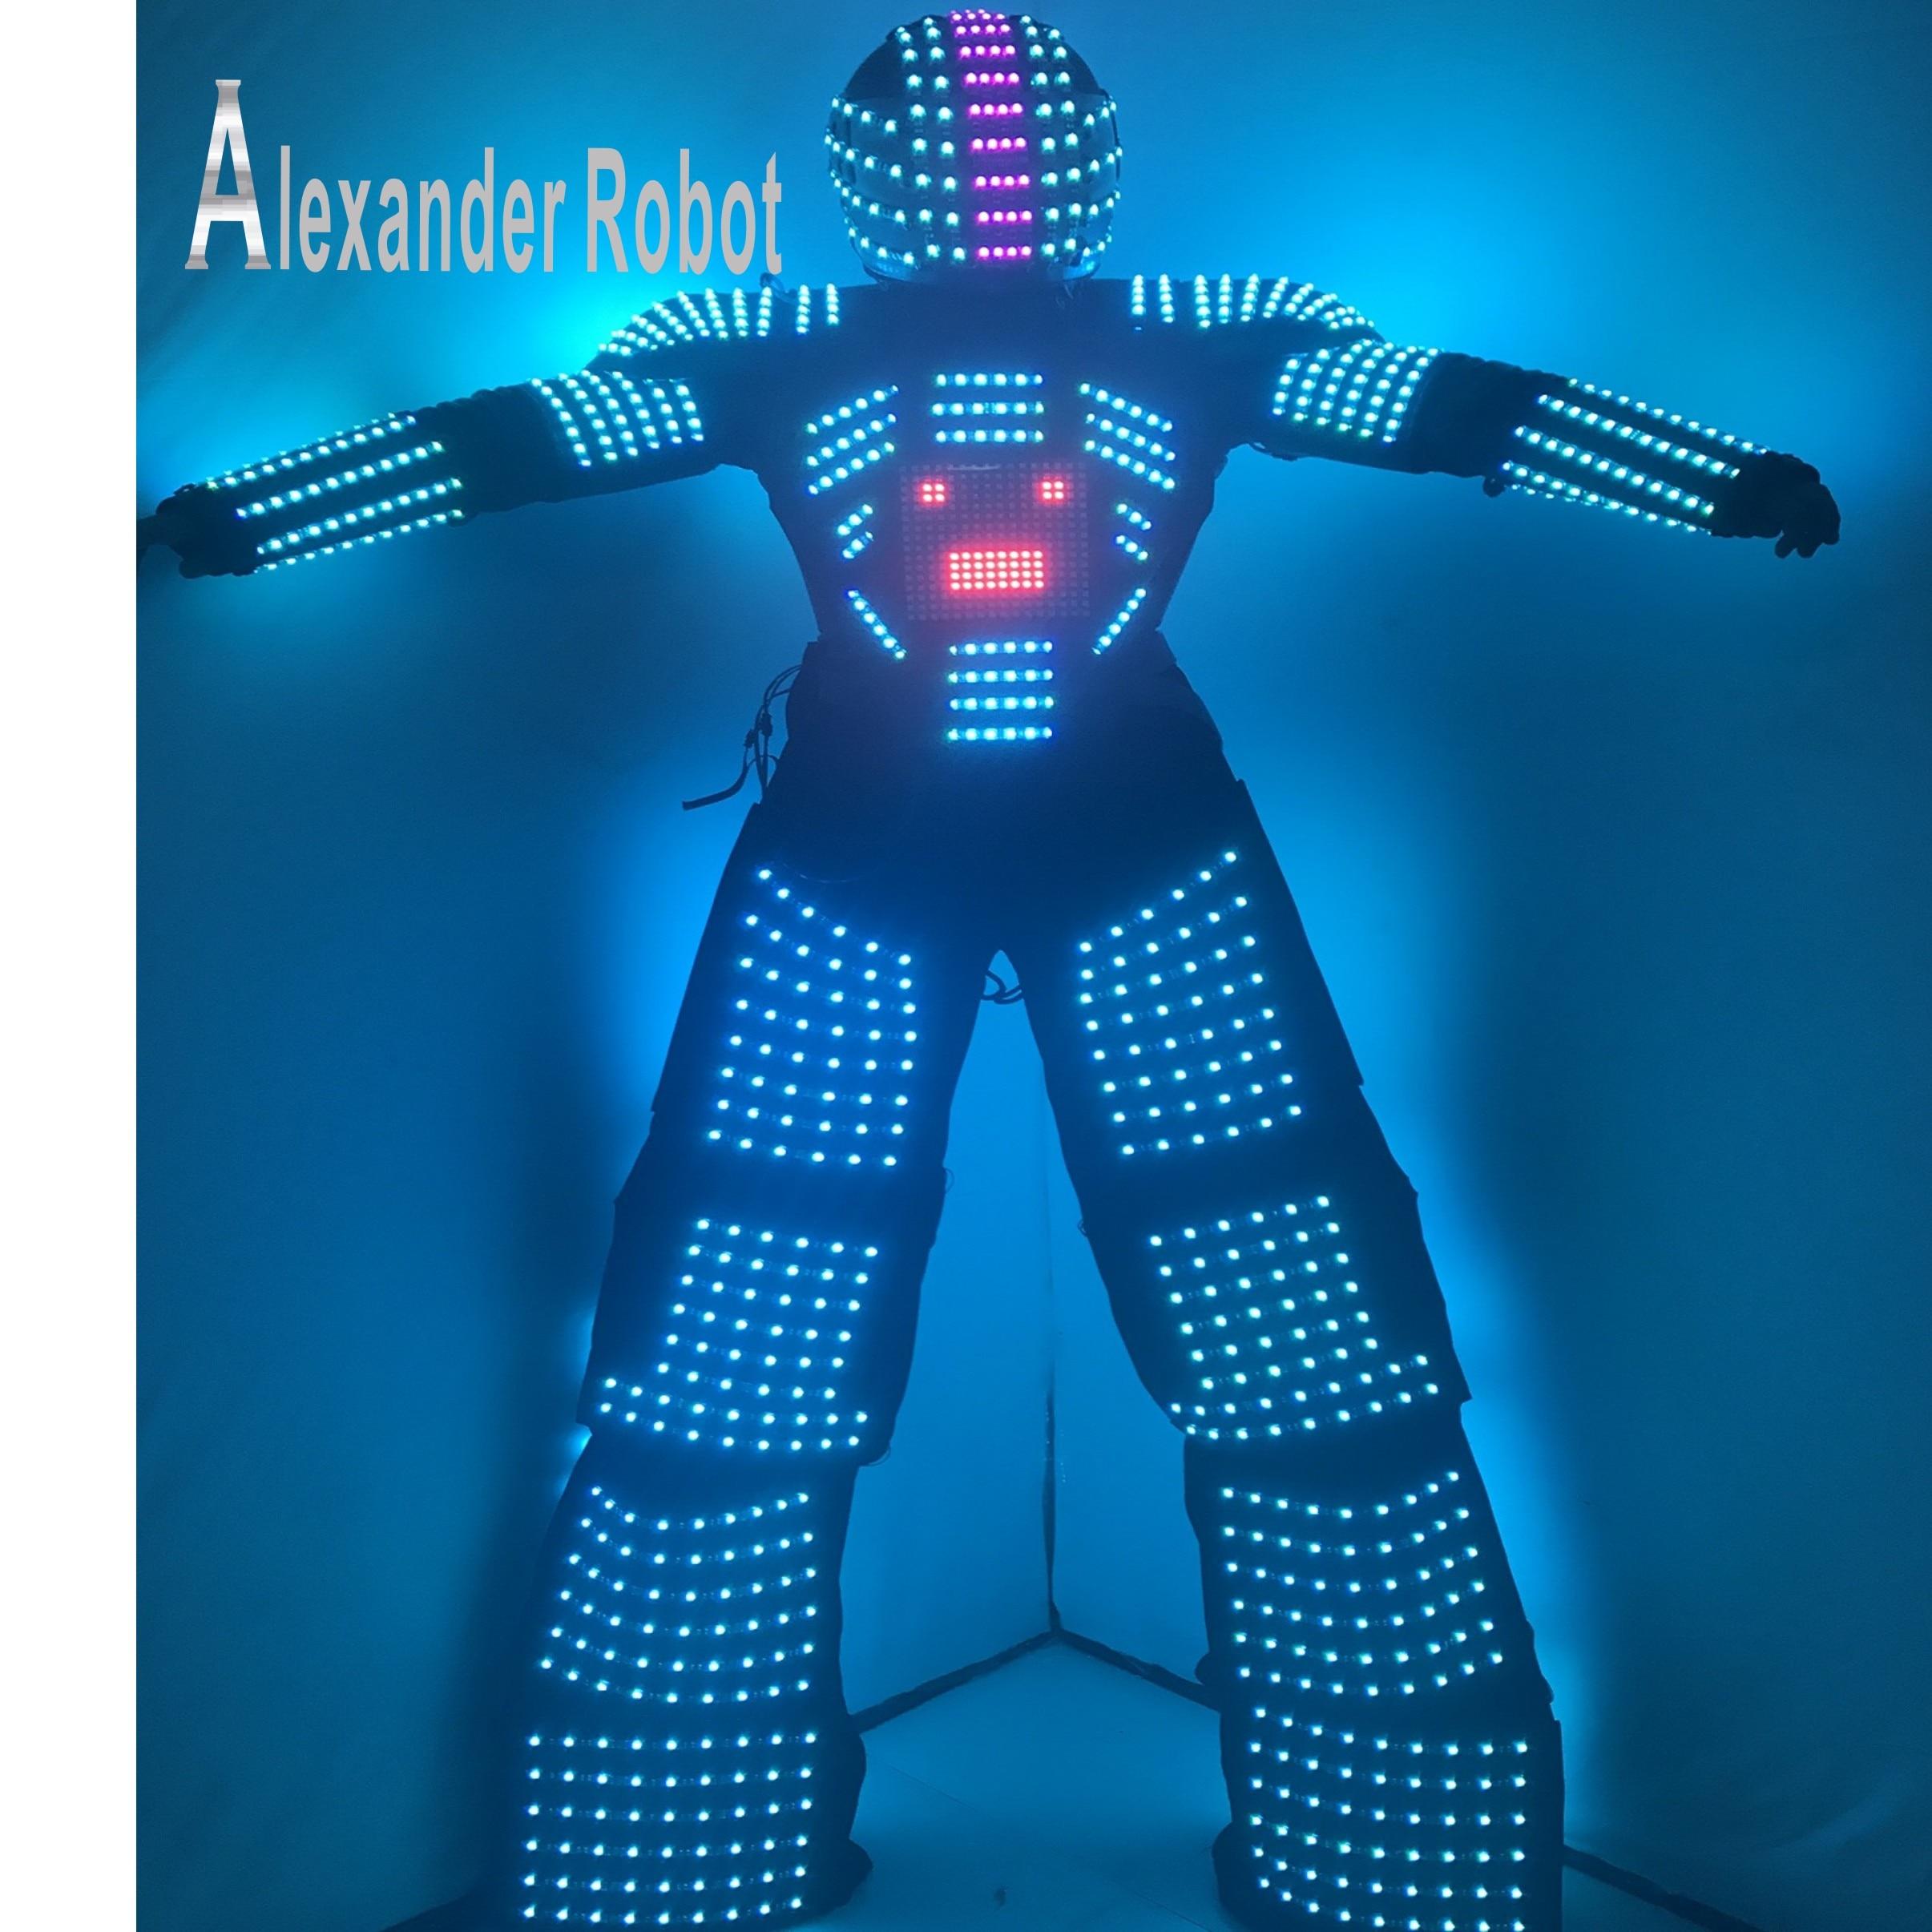 LED robot Kostým / led světla kostýmy / LED Oblečení / Lehké obleky / Video na hrudi, Programování přilby / LED Robotové obleky